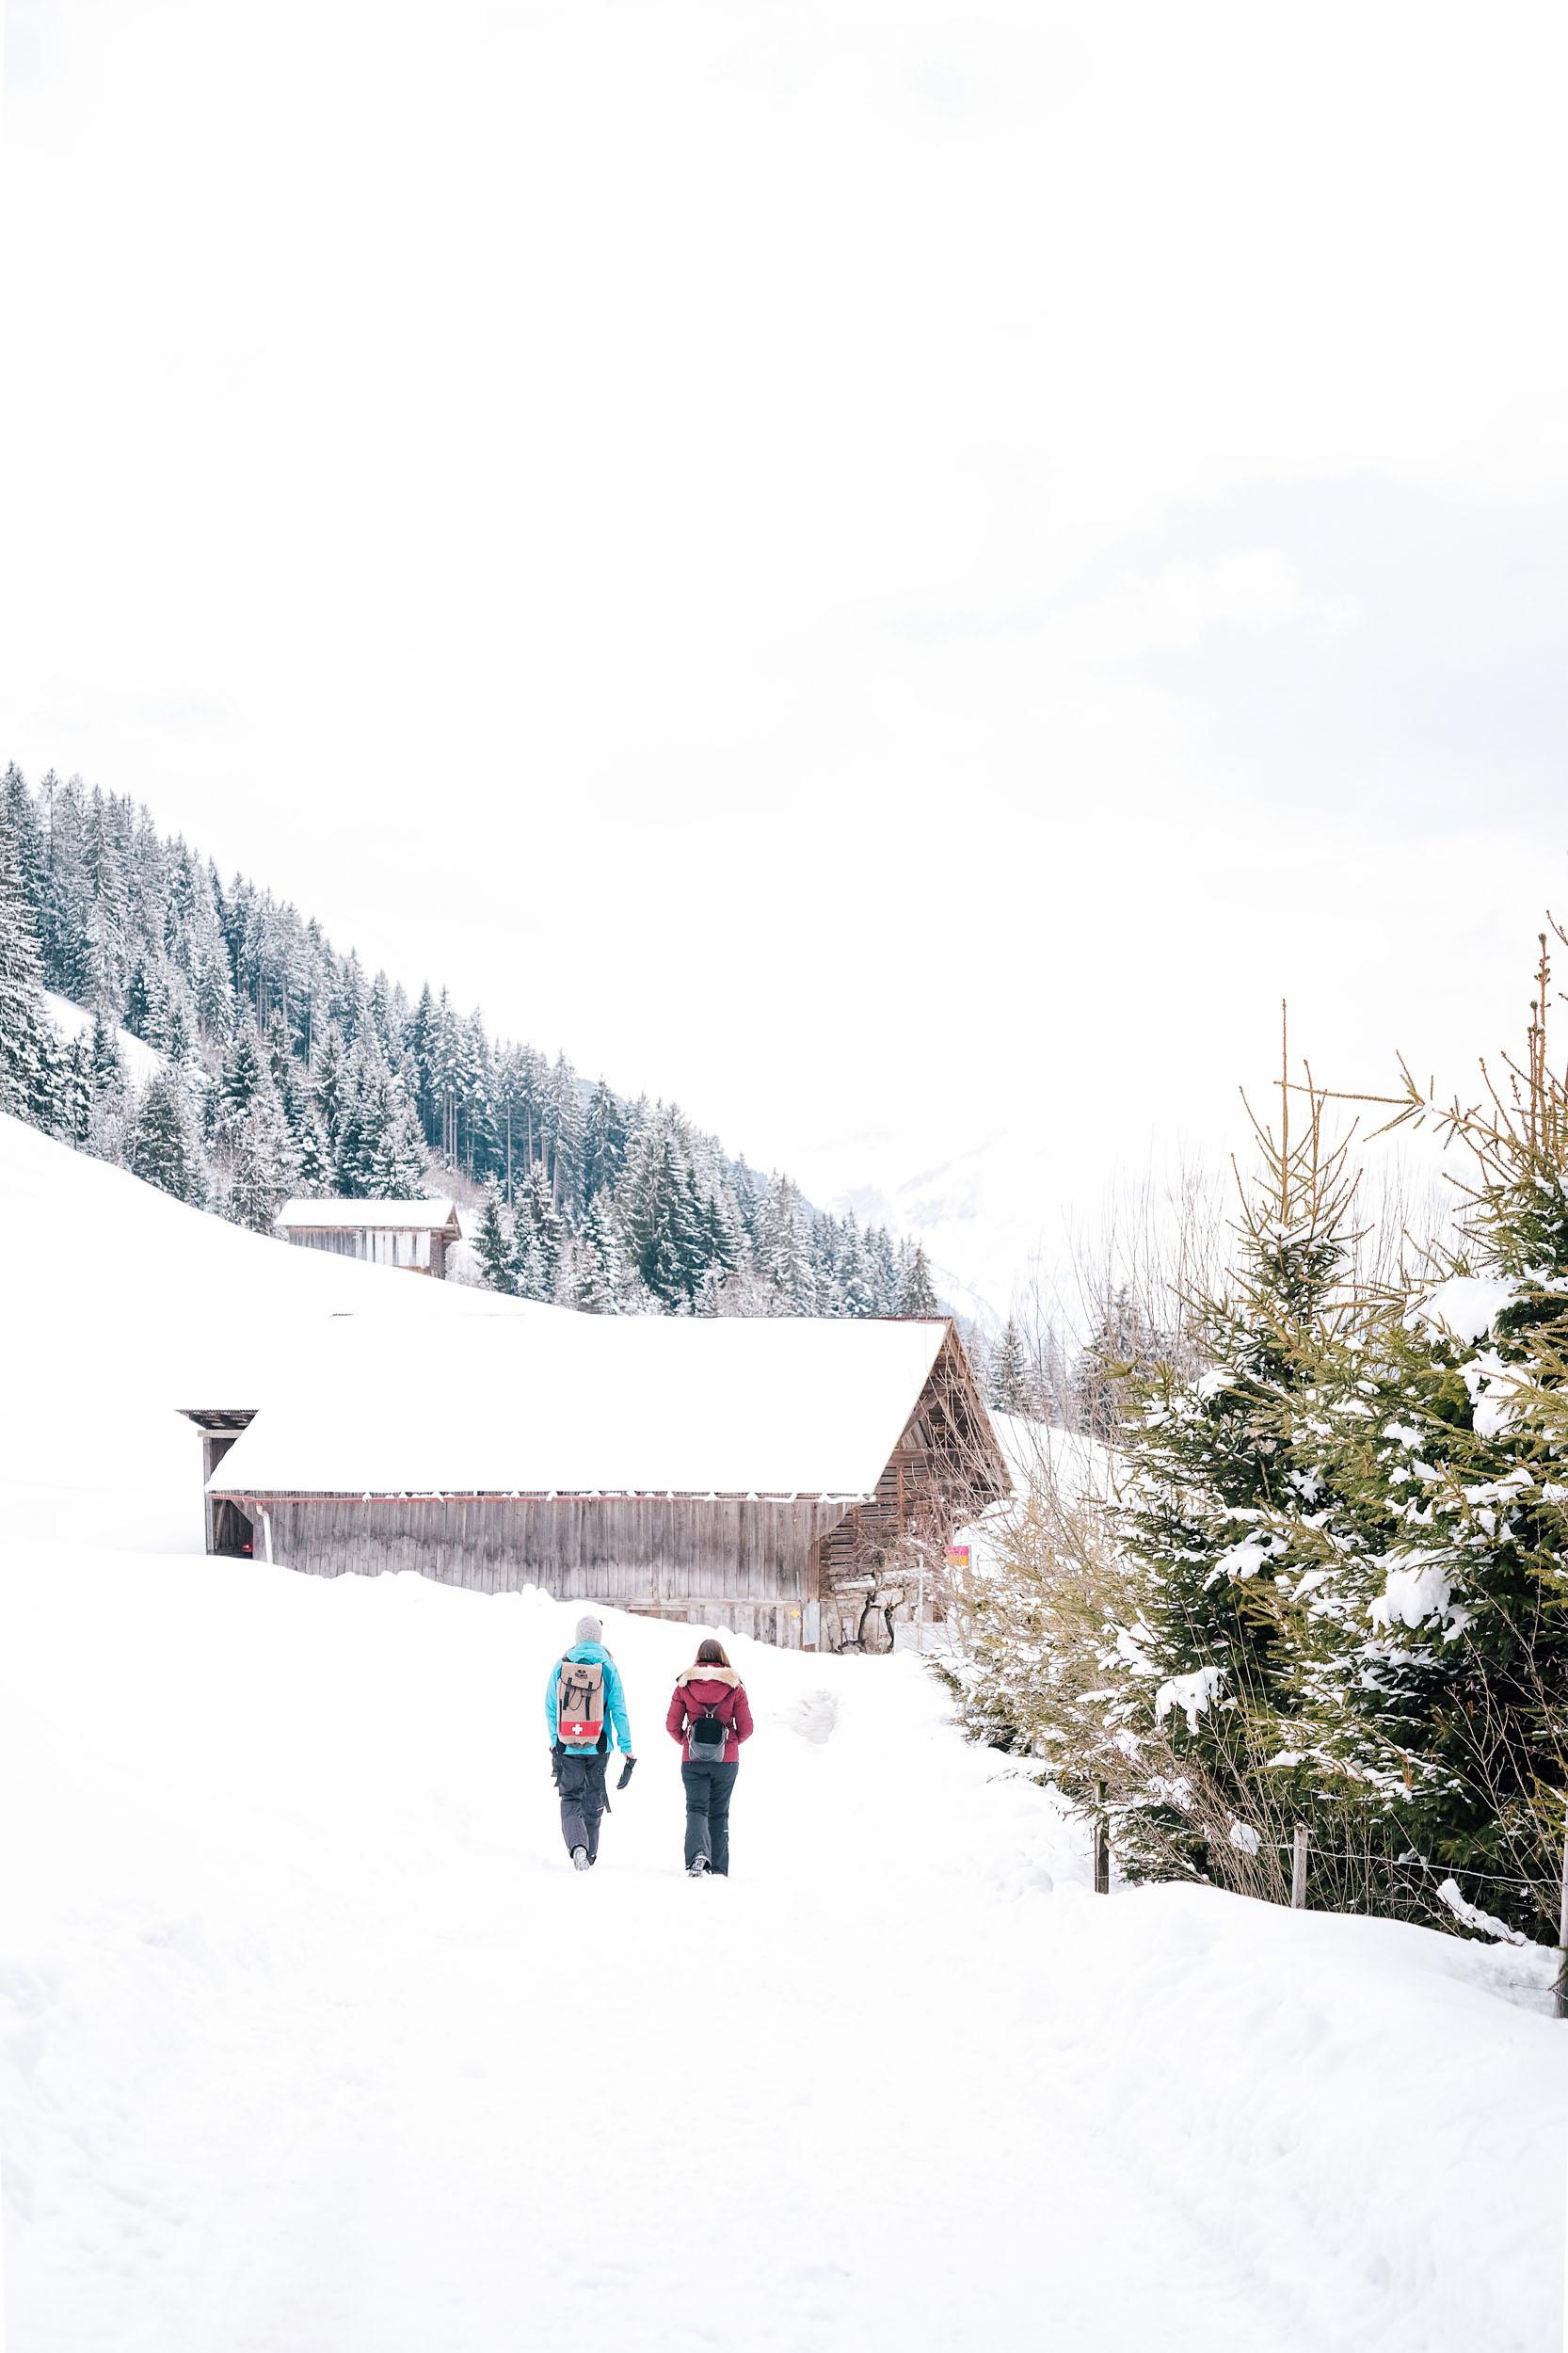 Fondue hike in Gstaad